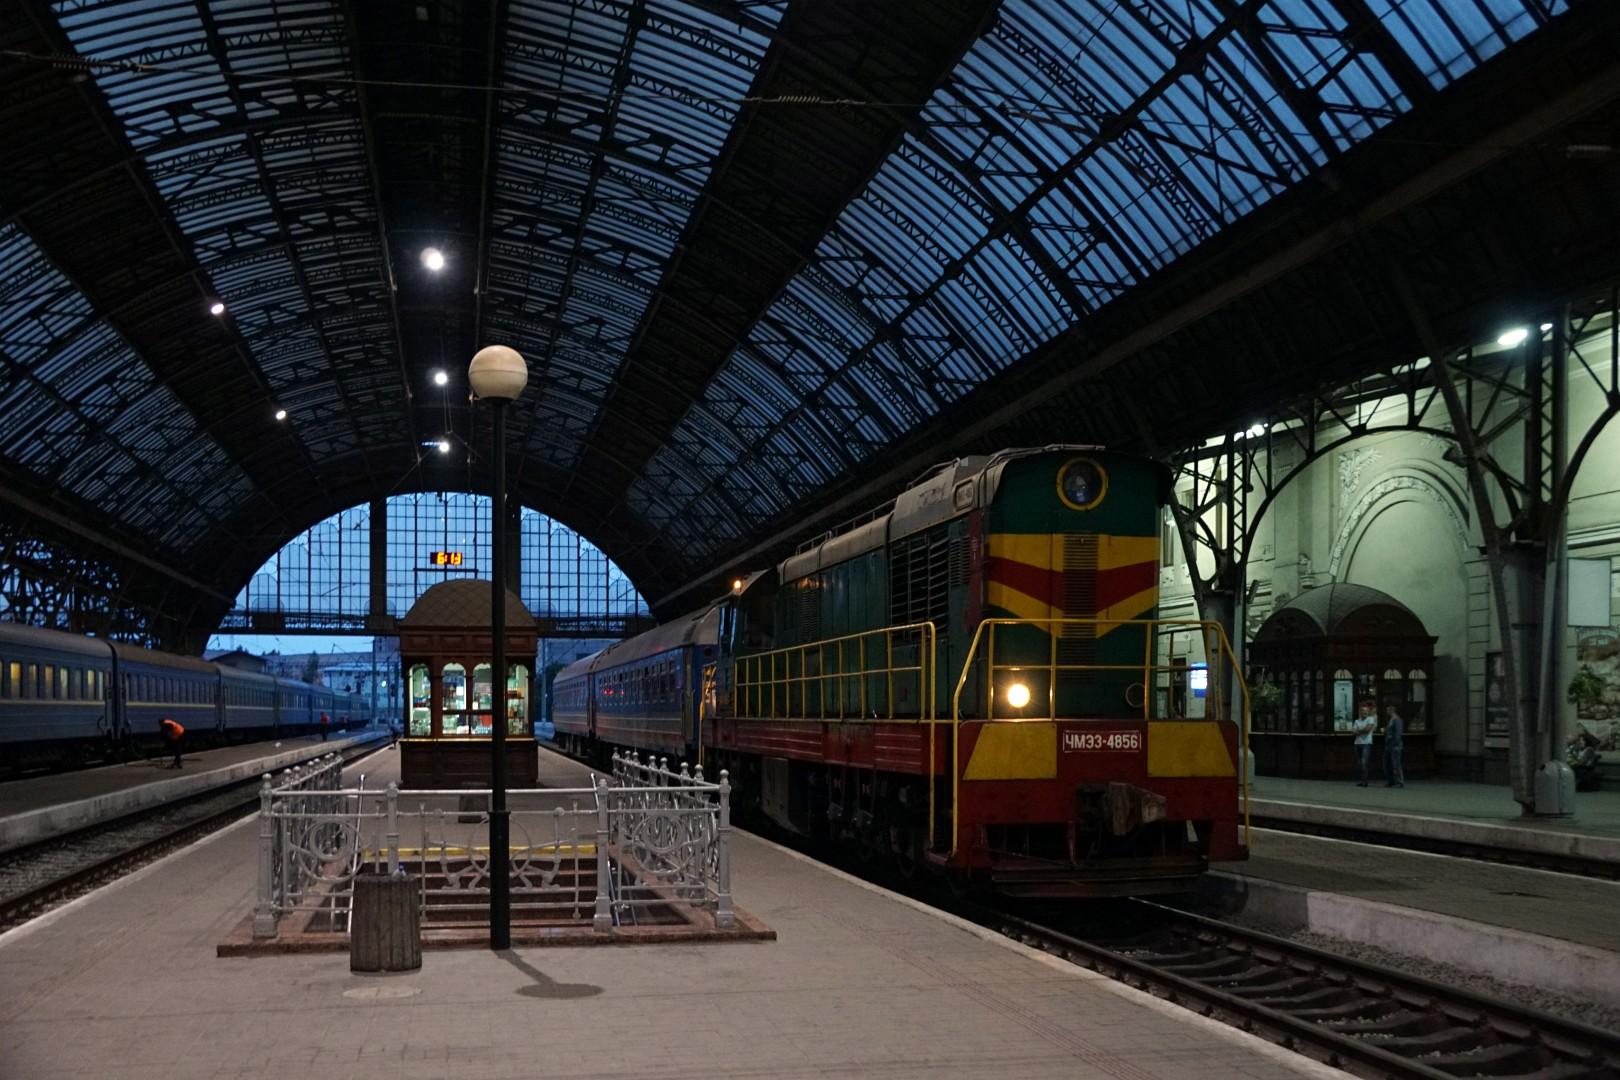 Reisebericht zur Eurasientour - Kurzfassung